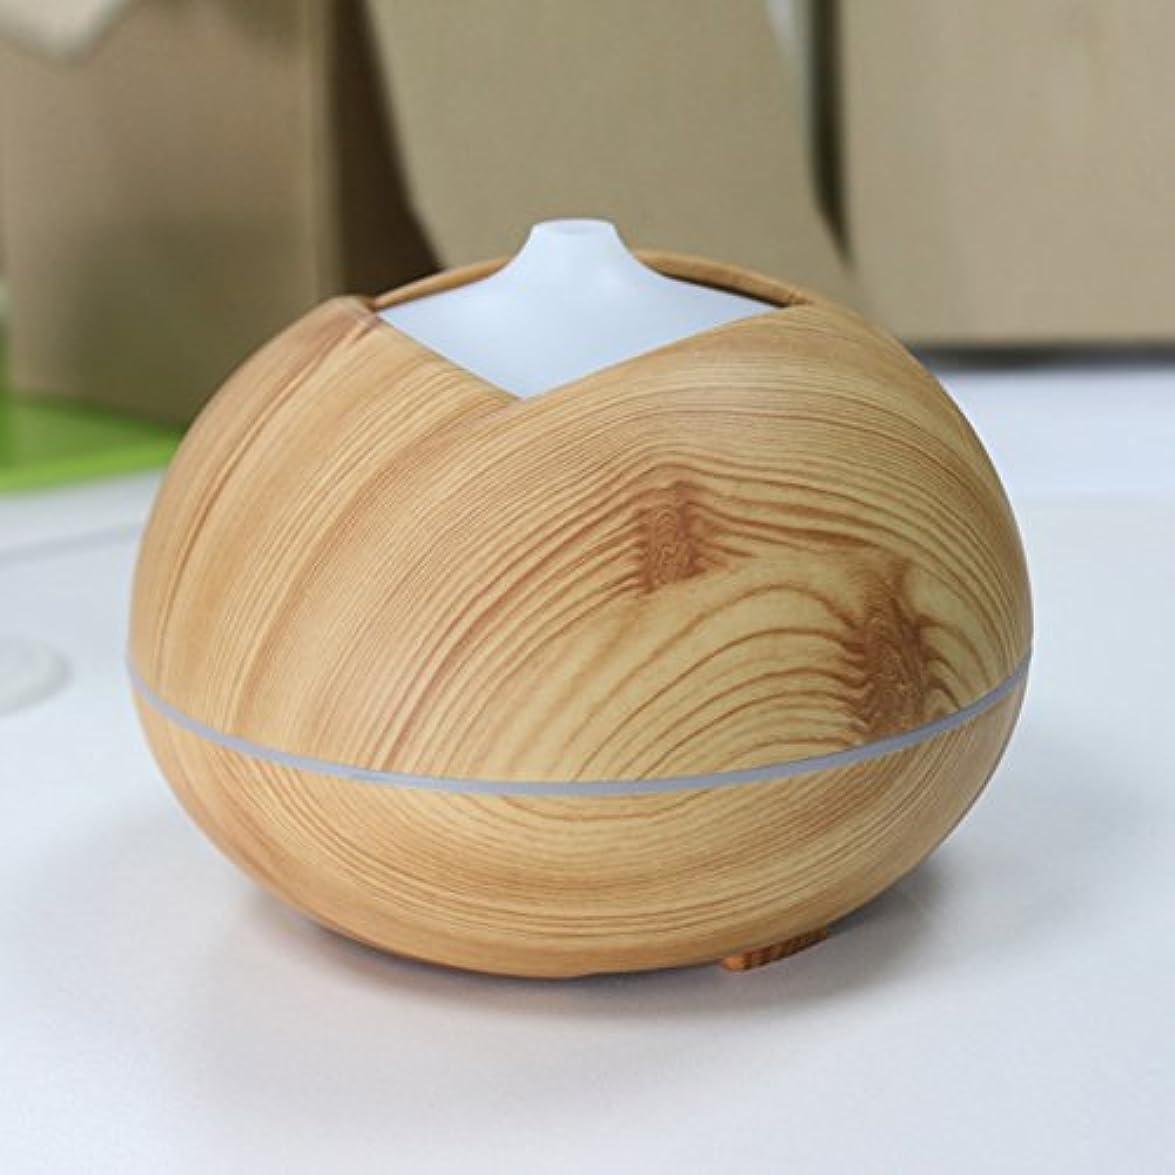 どこでも酒そうでなければYiding加湿器木製カラーCool Mist超音波アロマEssential Oil Diffuser for Officeホームベッドルーム